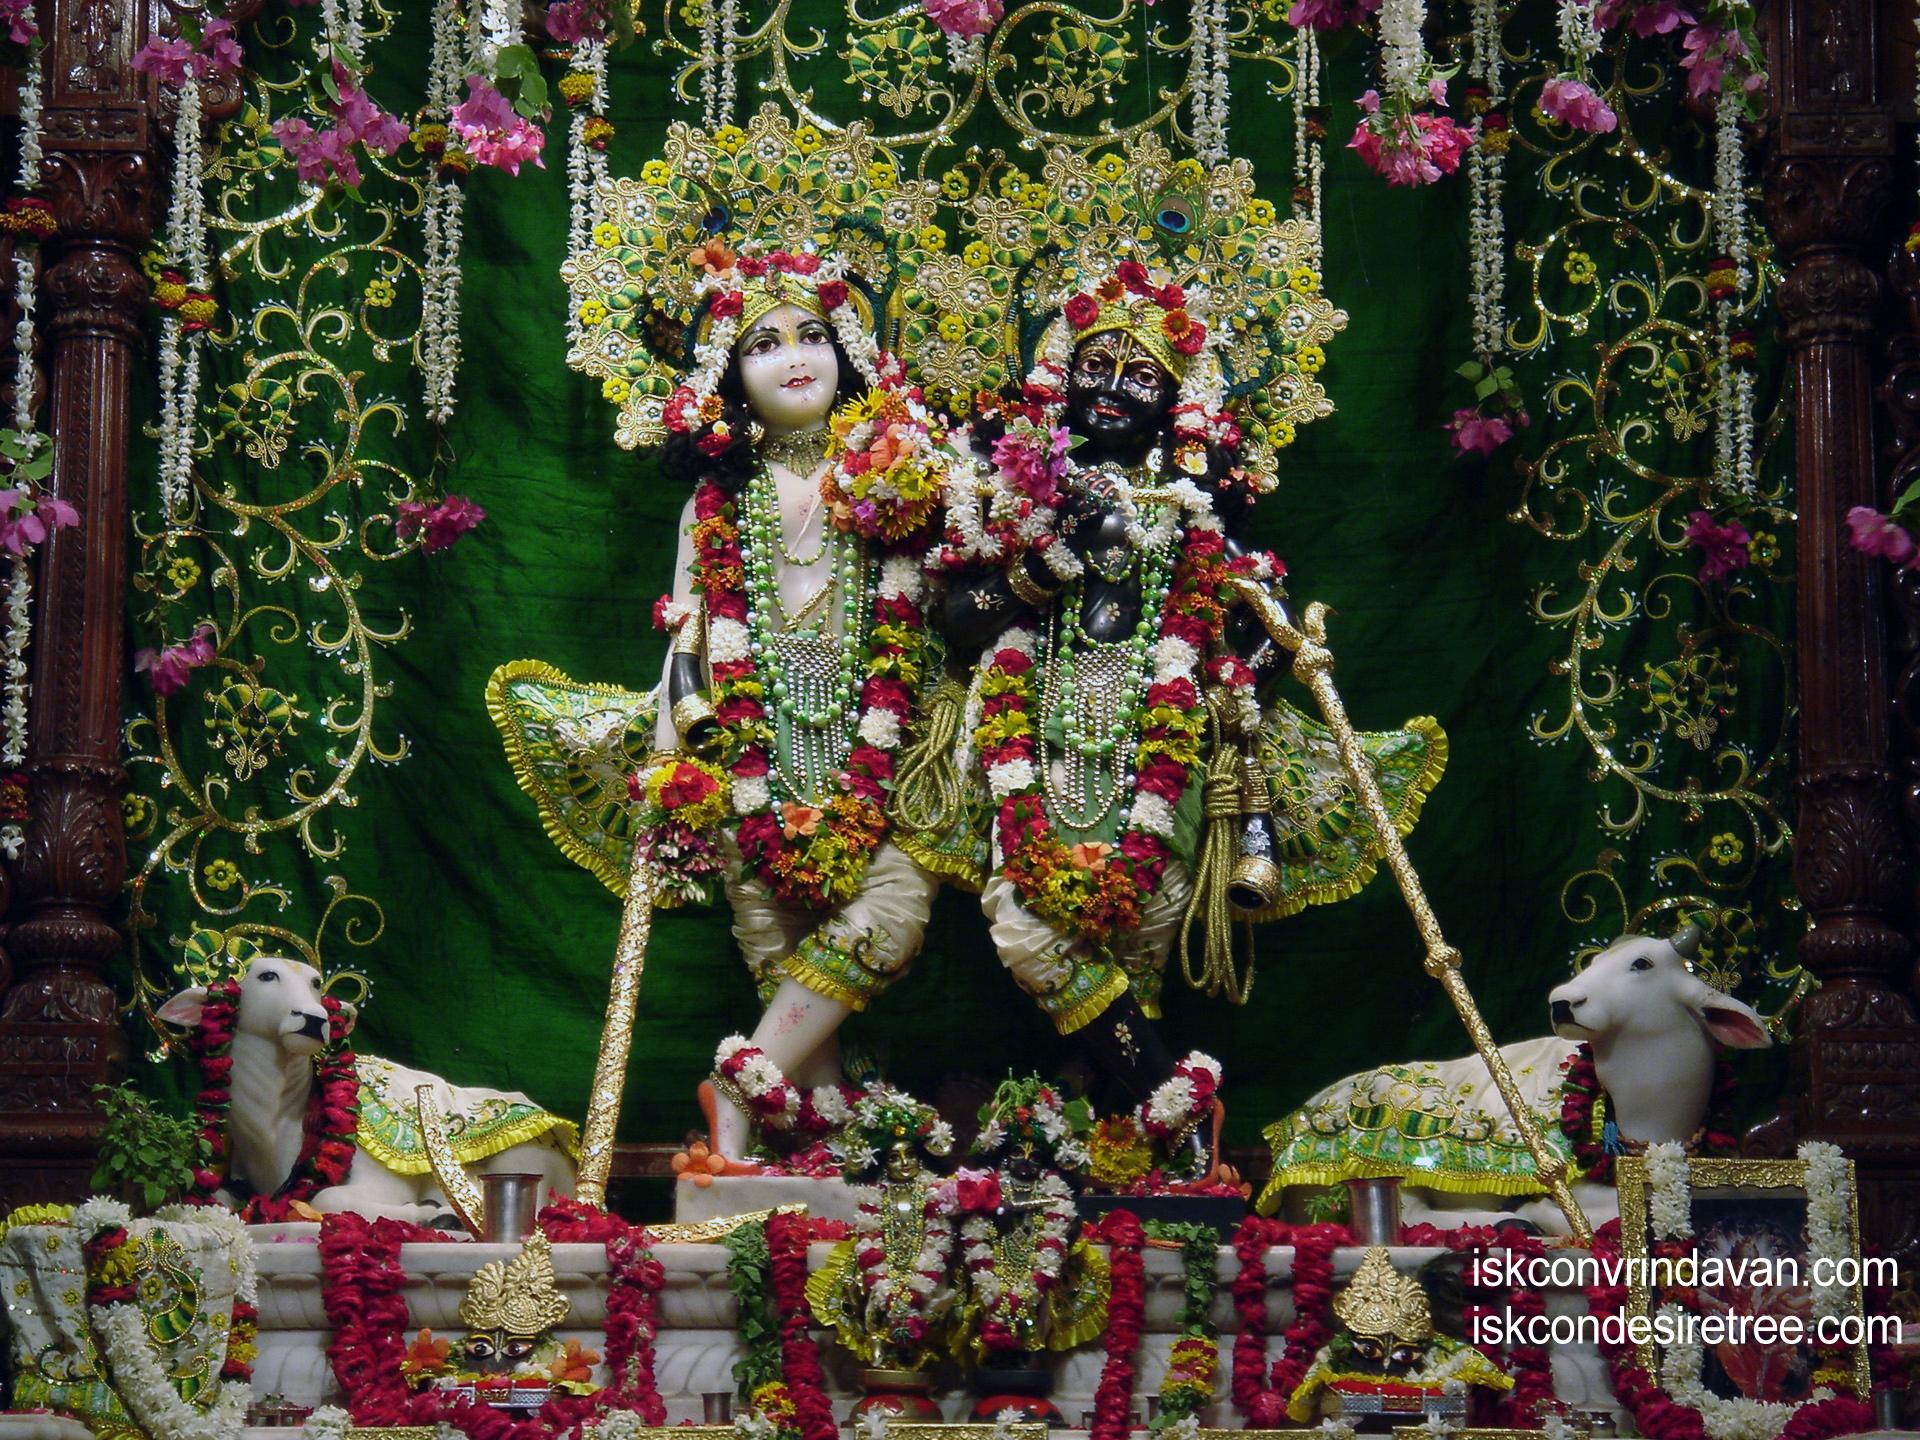 Sri Sri Krishna Balaram Wallpaper (056) Size 1920x1440 Download